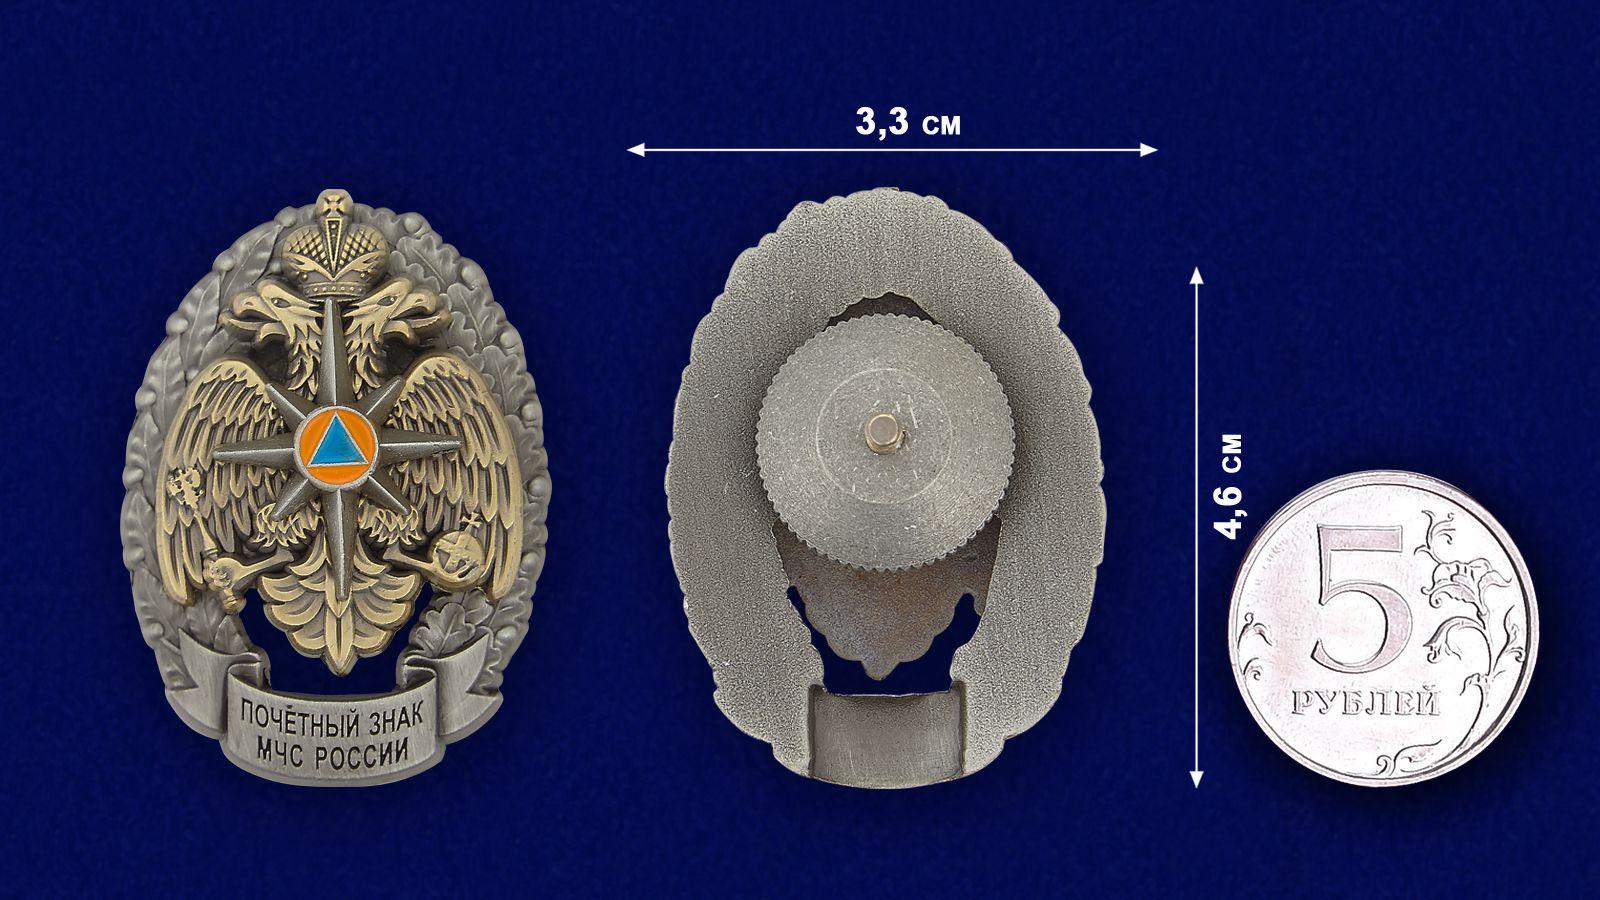 Почетный знак МЧС России - сравнительный размер